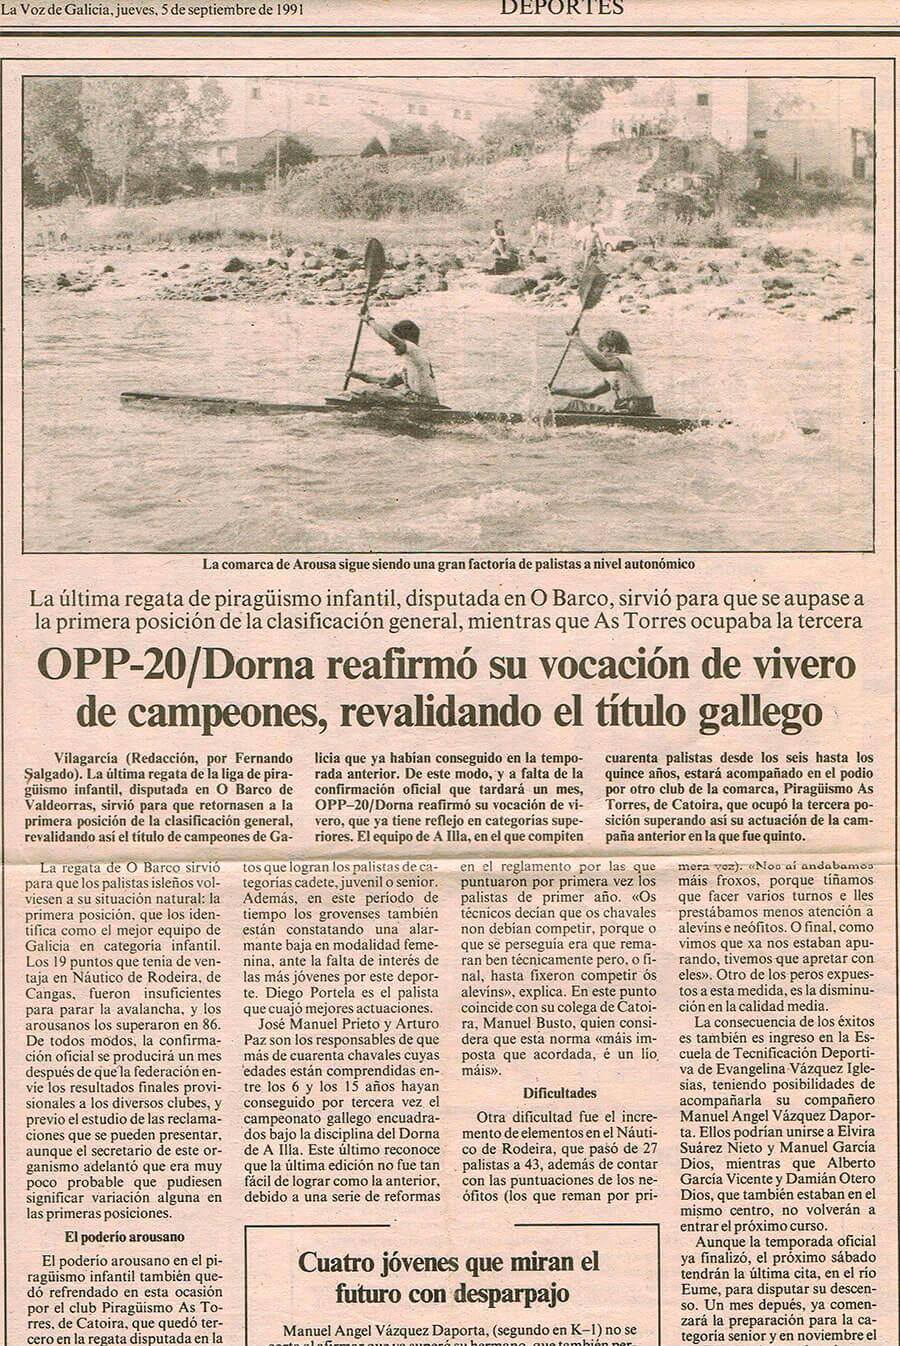 Prensa OPP-20/Dorna reafirmó su vocación de vivero de campeones, revalidando el título gallego